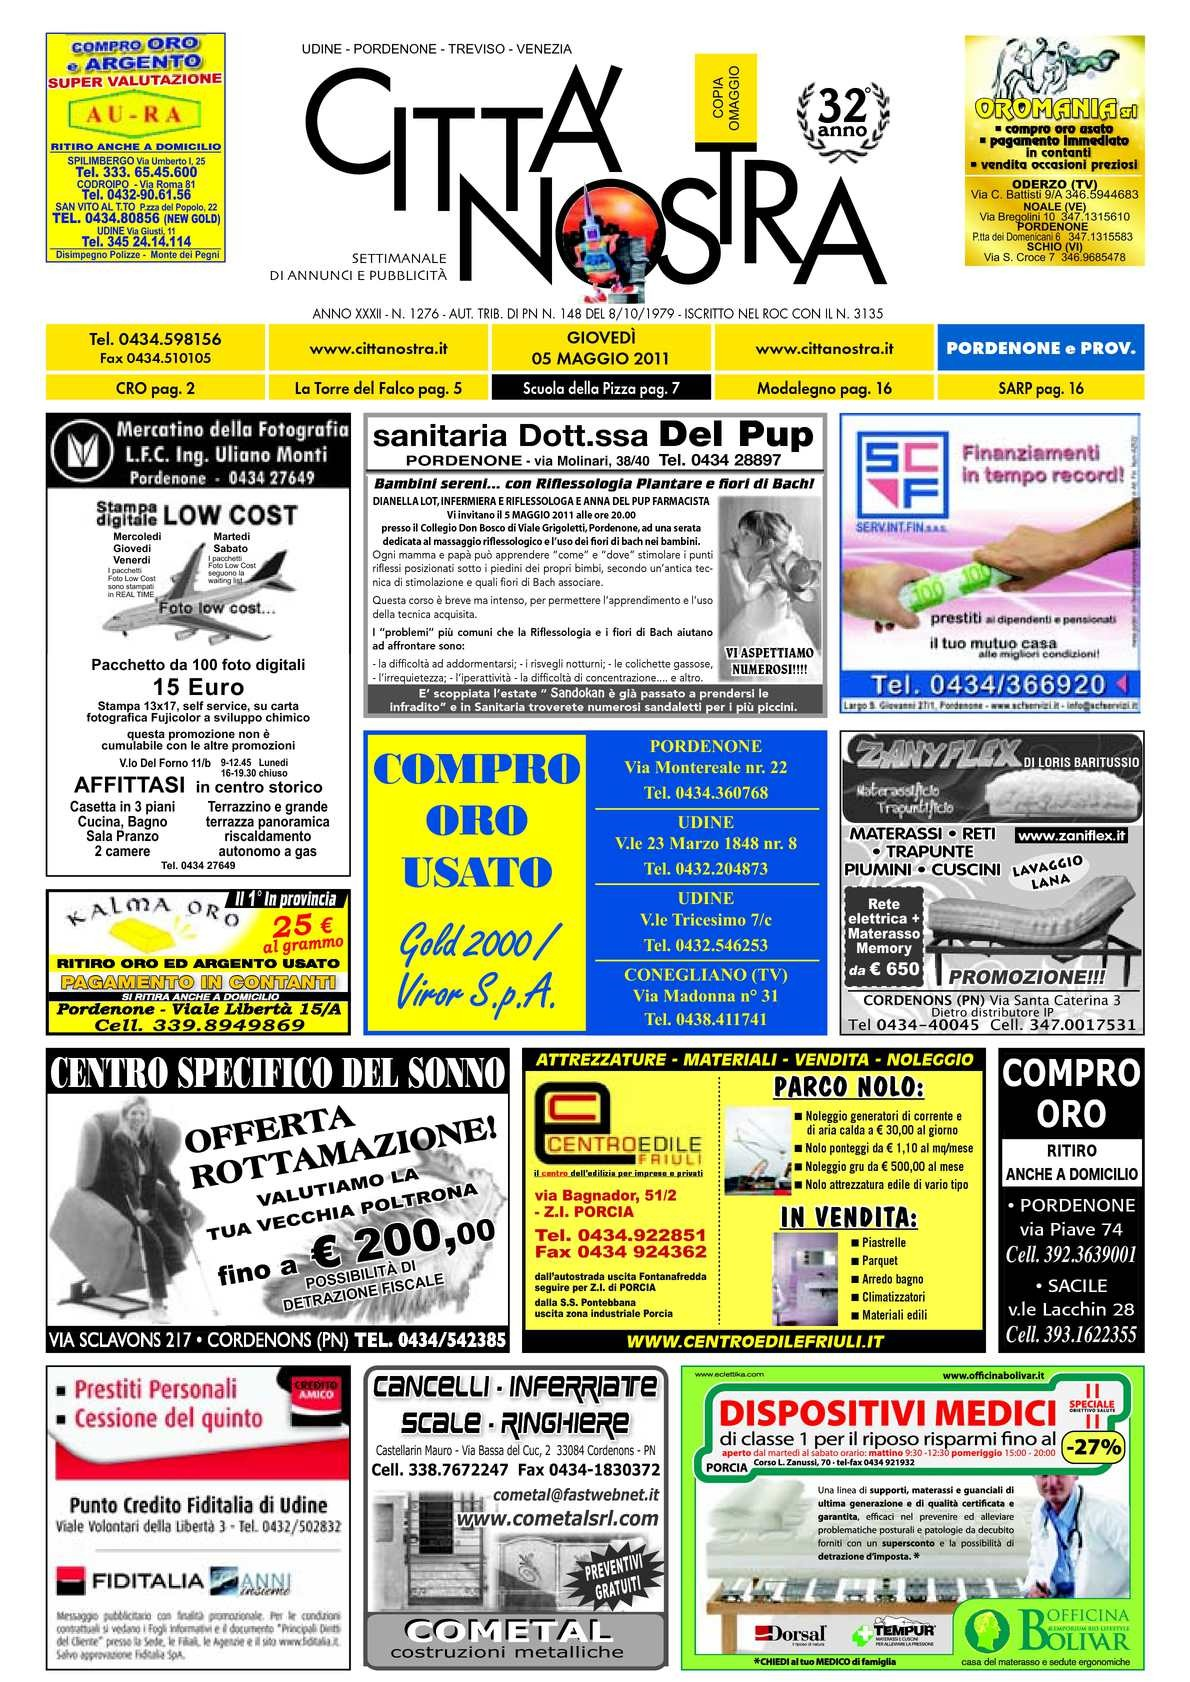 Calaméo Citt Nostra Pordenone del 05 05 2011 n 1276